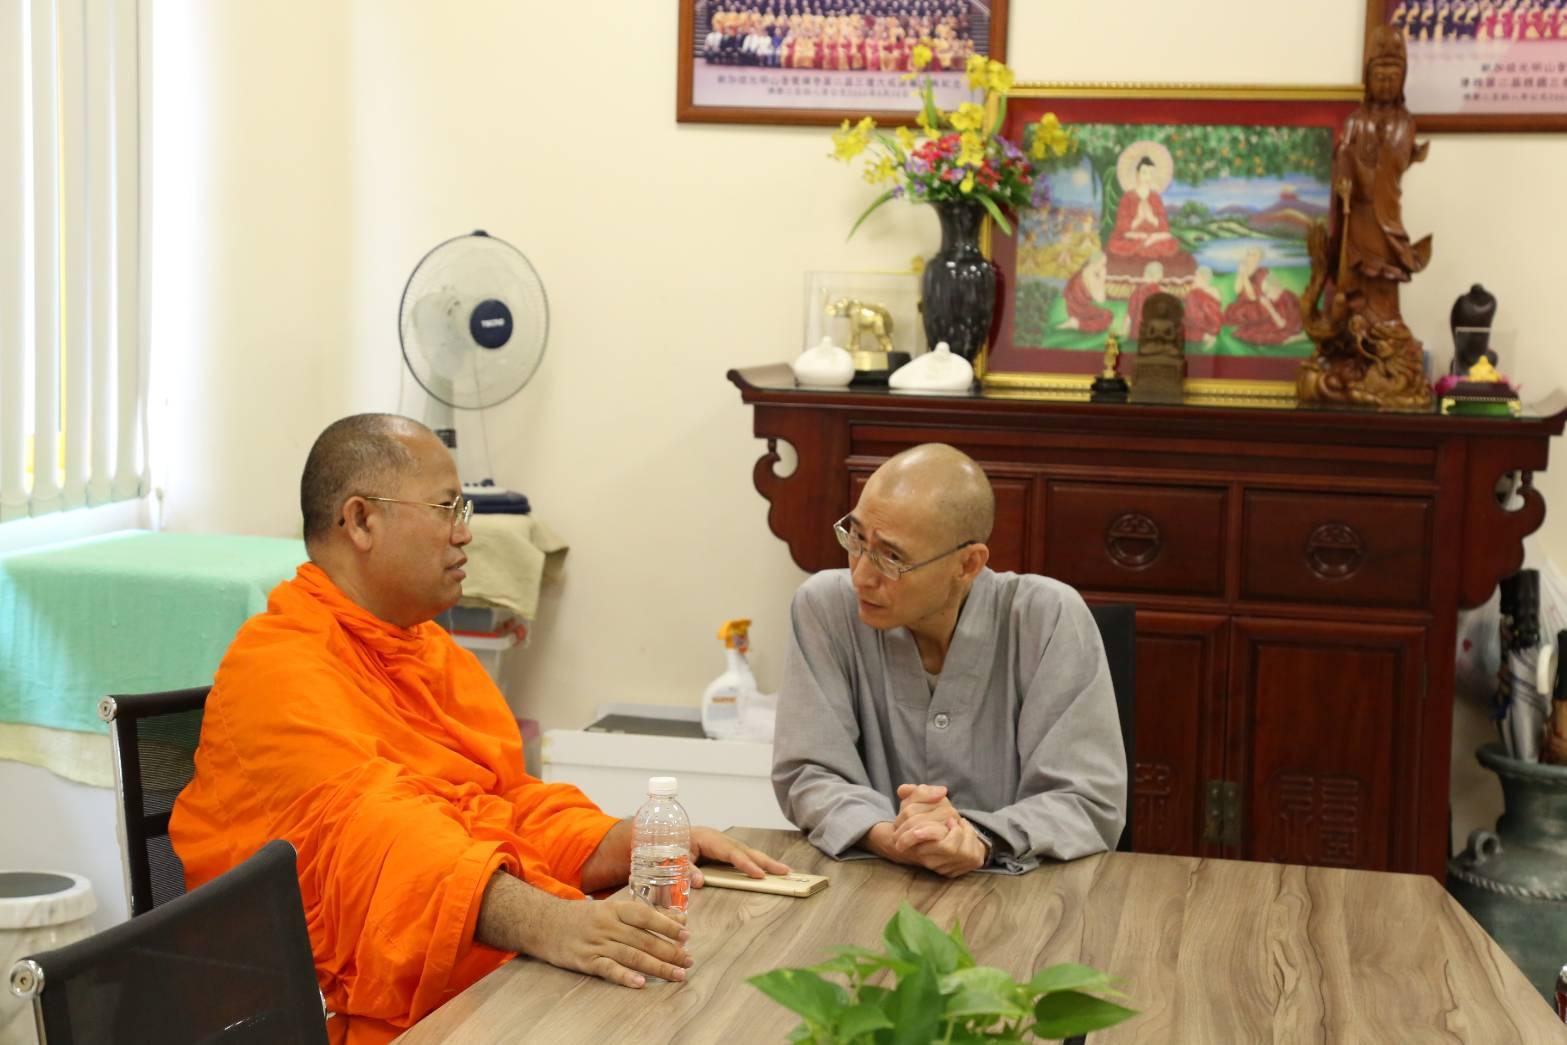 611006  รอง กต เข้าพบ Ven.Dr.Chuan Sheng รองอธิการบดีวิทยาลัยพุทธศาสนาสิงคโปร์ (BCS) 1